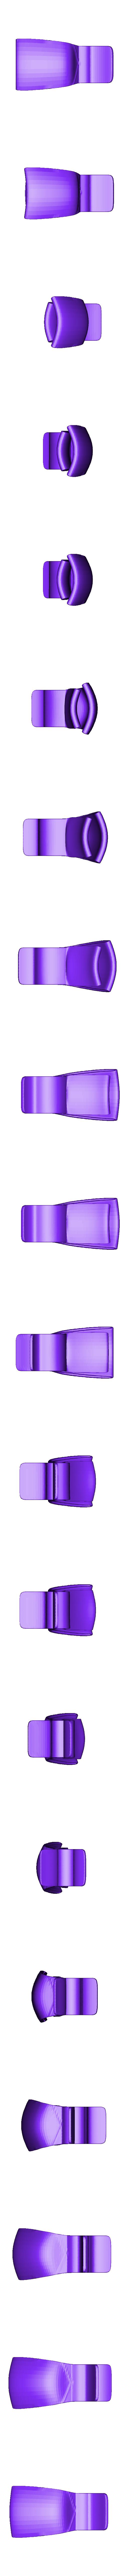 Soak_off_nail_clipper.stl Télécharger fichier STL gratuit Pinces dépose vernis à ongles • Plan à imprimer en 3D, Arkatz